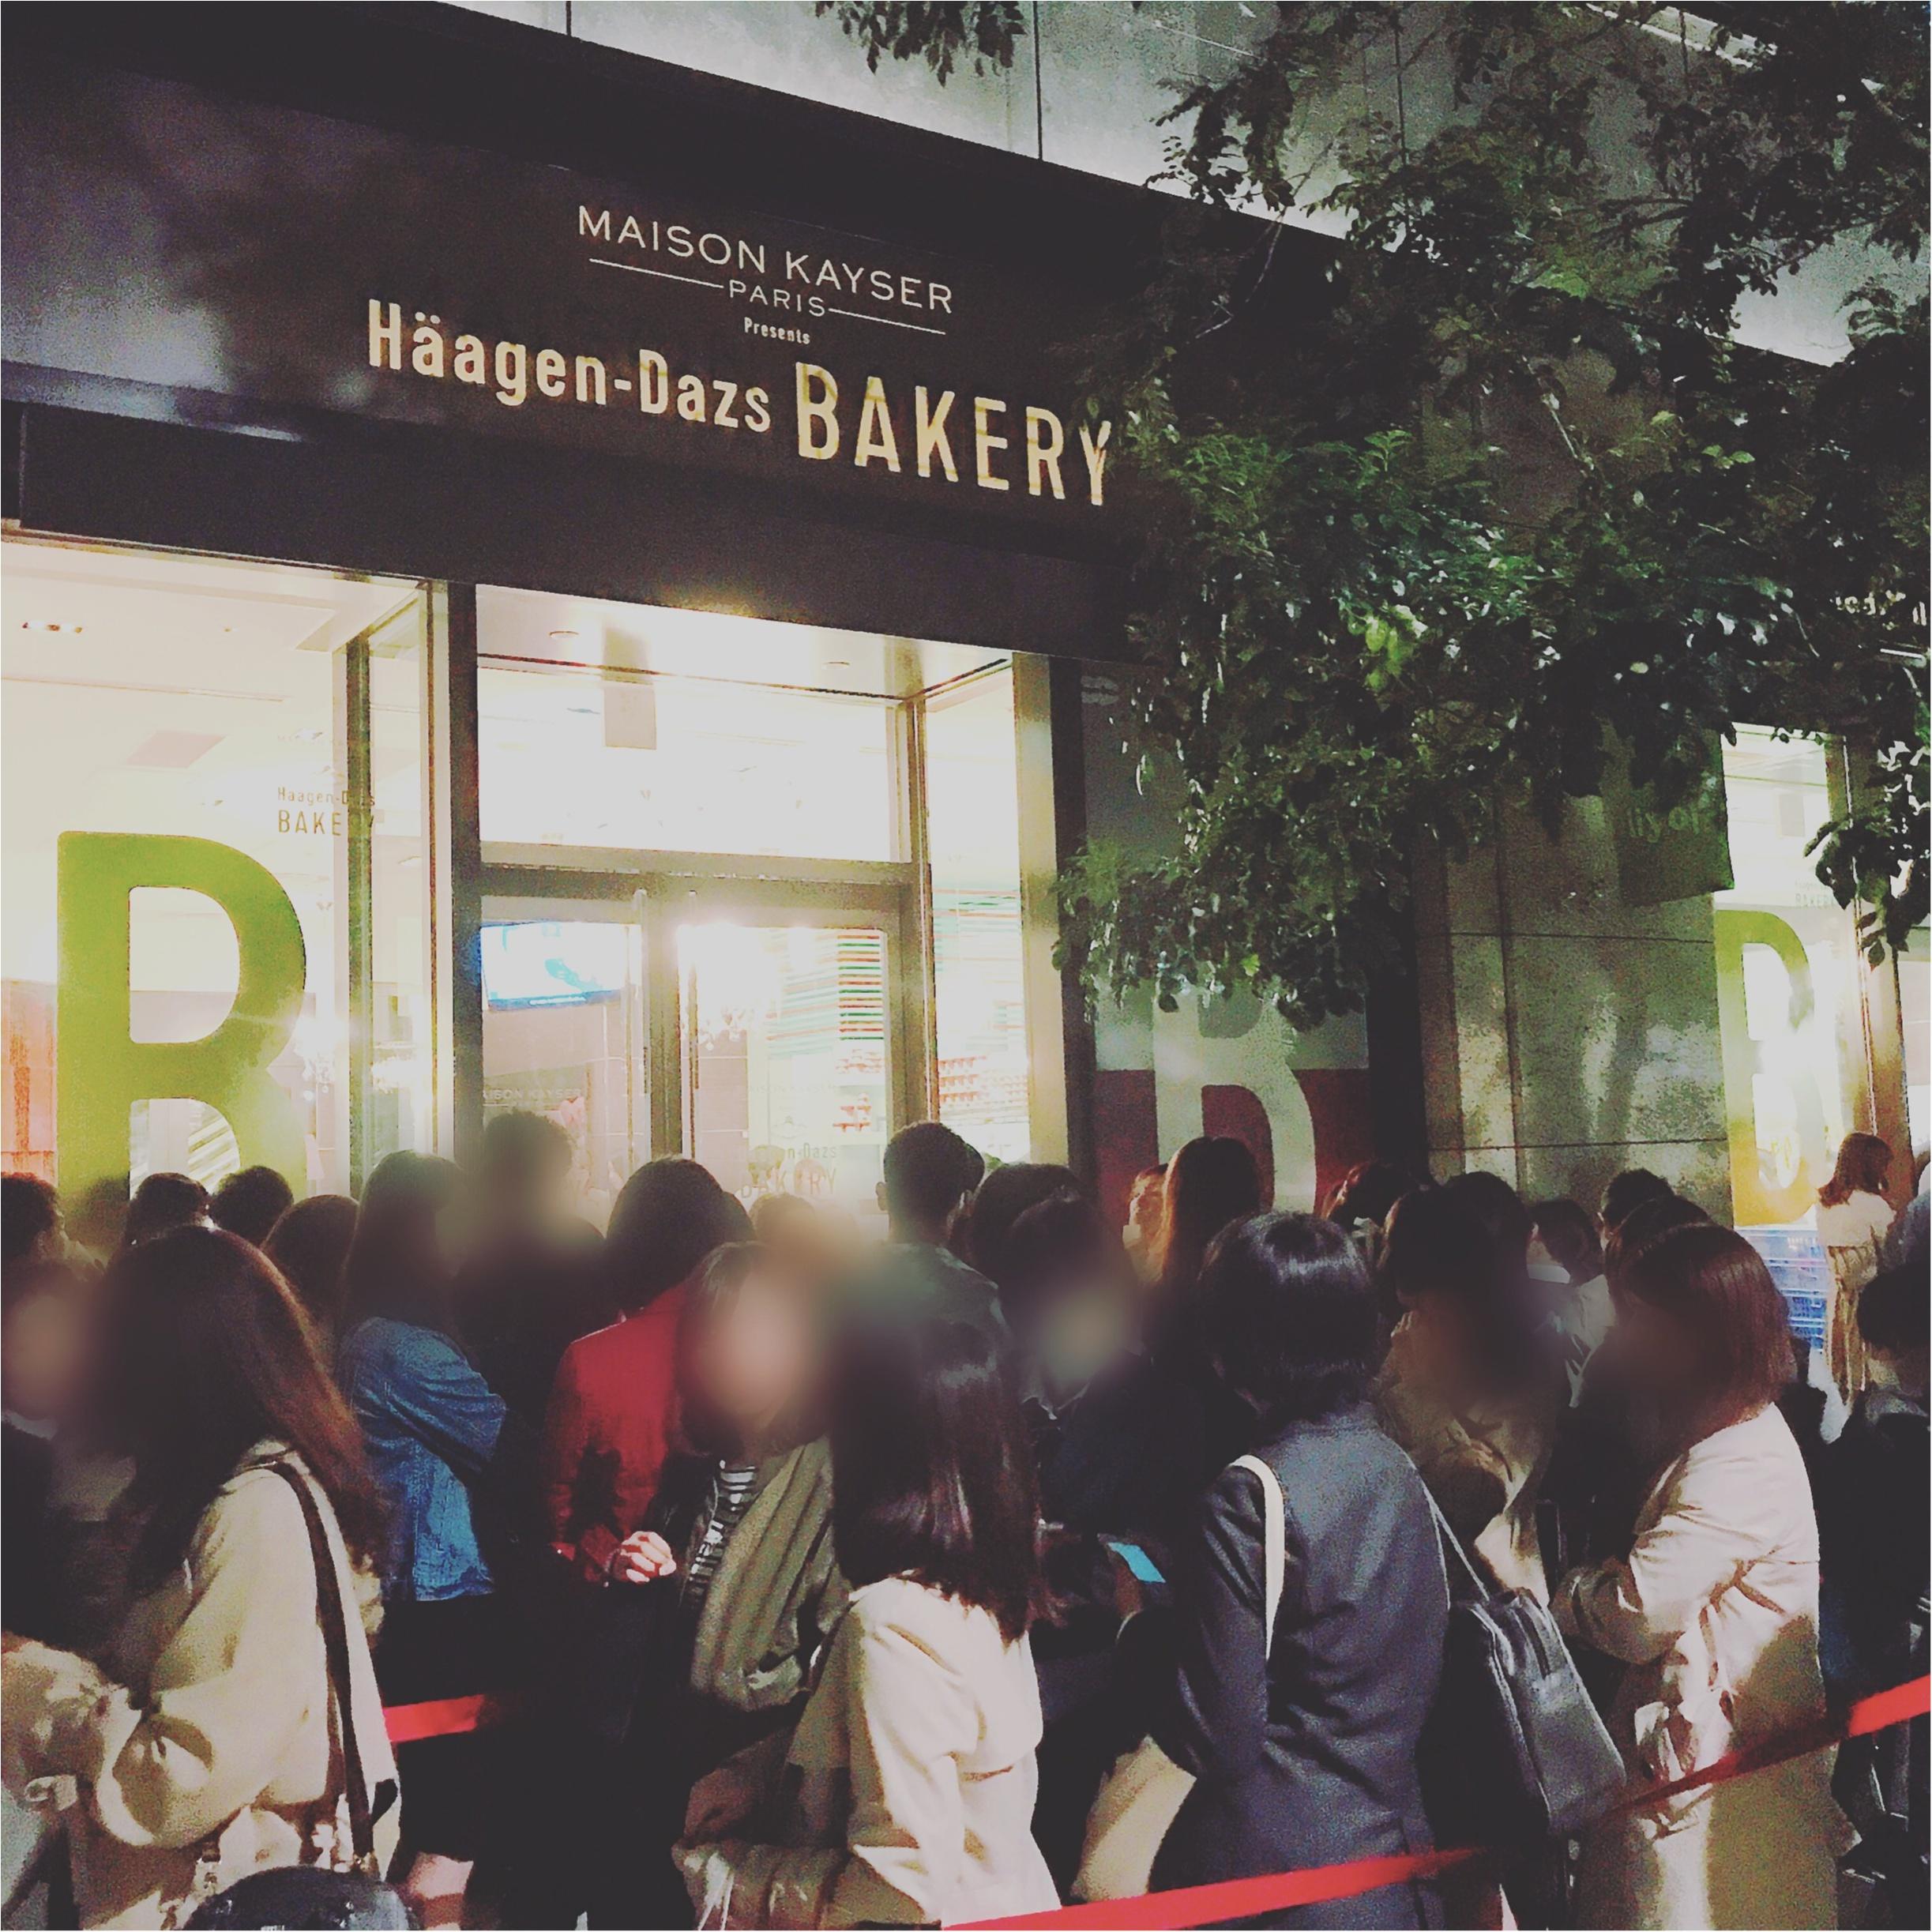 5月9日までの期間限定‼︎ハーゲンダッツ初のベーカリー【Häagen-Dazs Bakery】が大人気♡_2